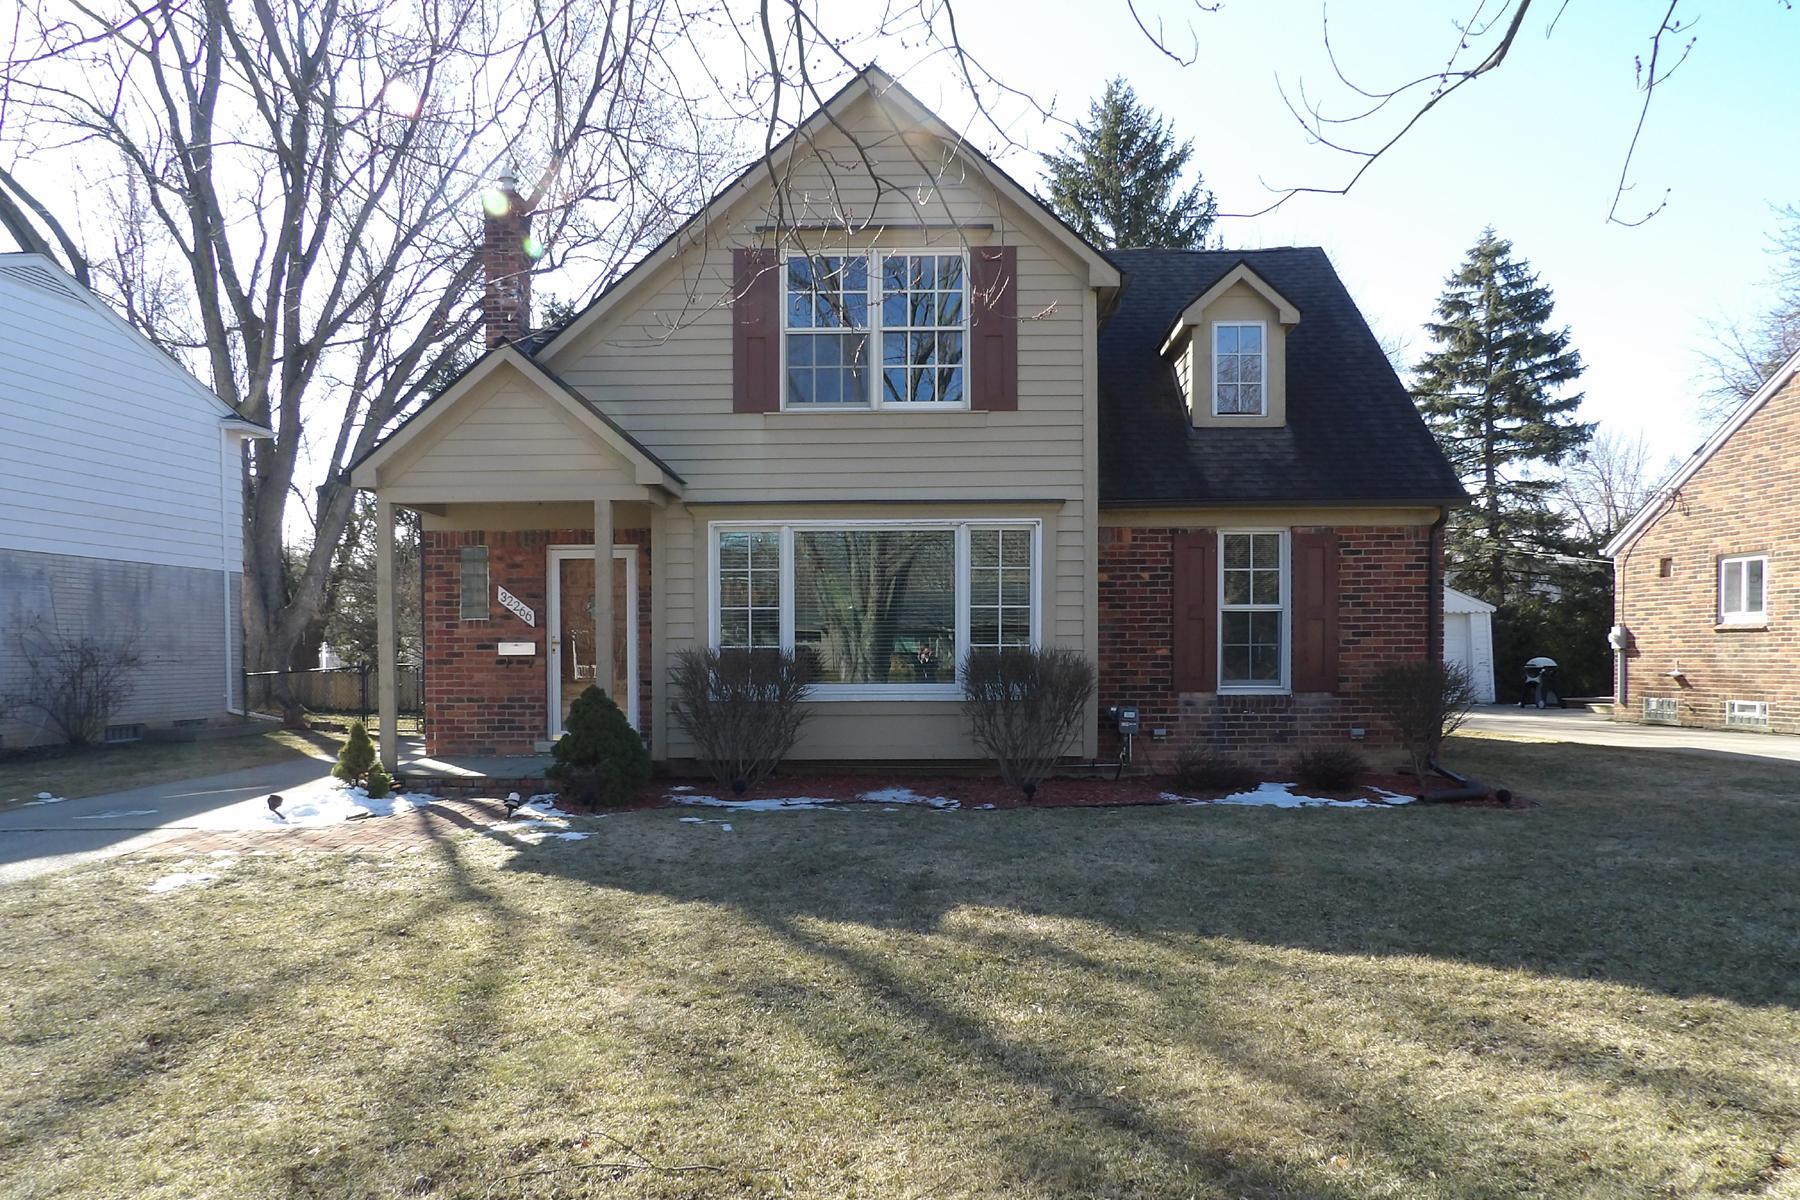 Частный односемейный дом для того Продажа на Beverly Hills Village 32266 Verona Circle, Franklin, Мичиган, 48025 Соединенные Штаты